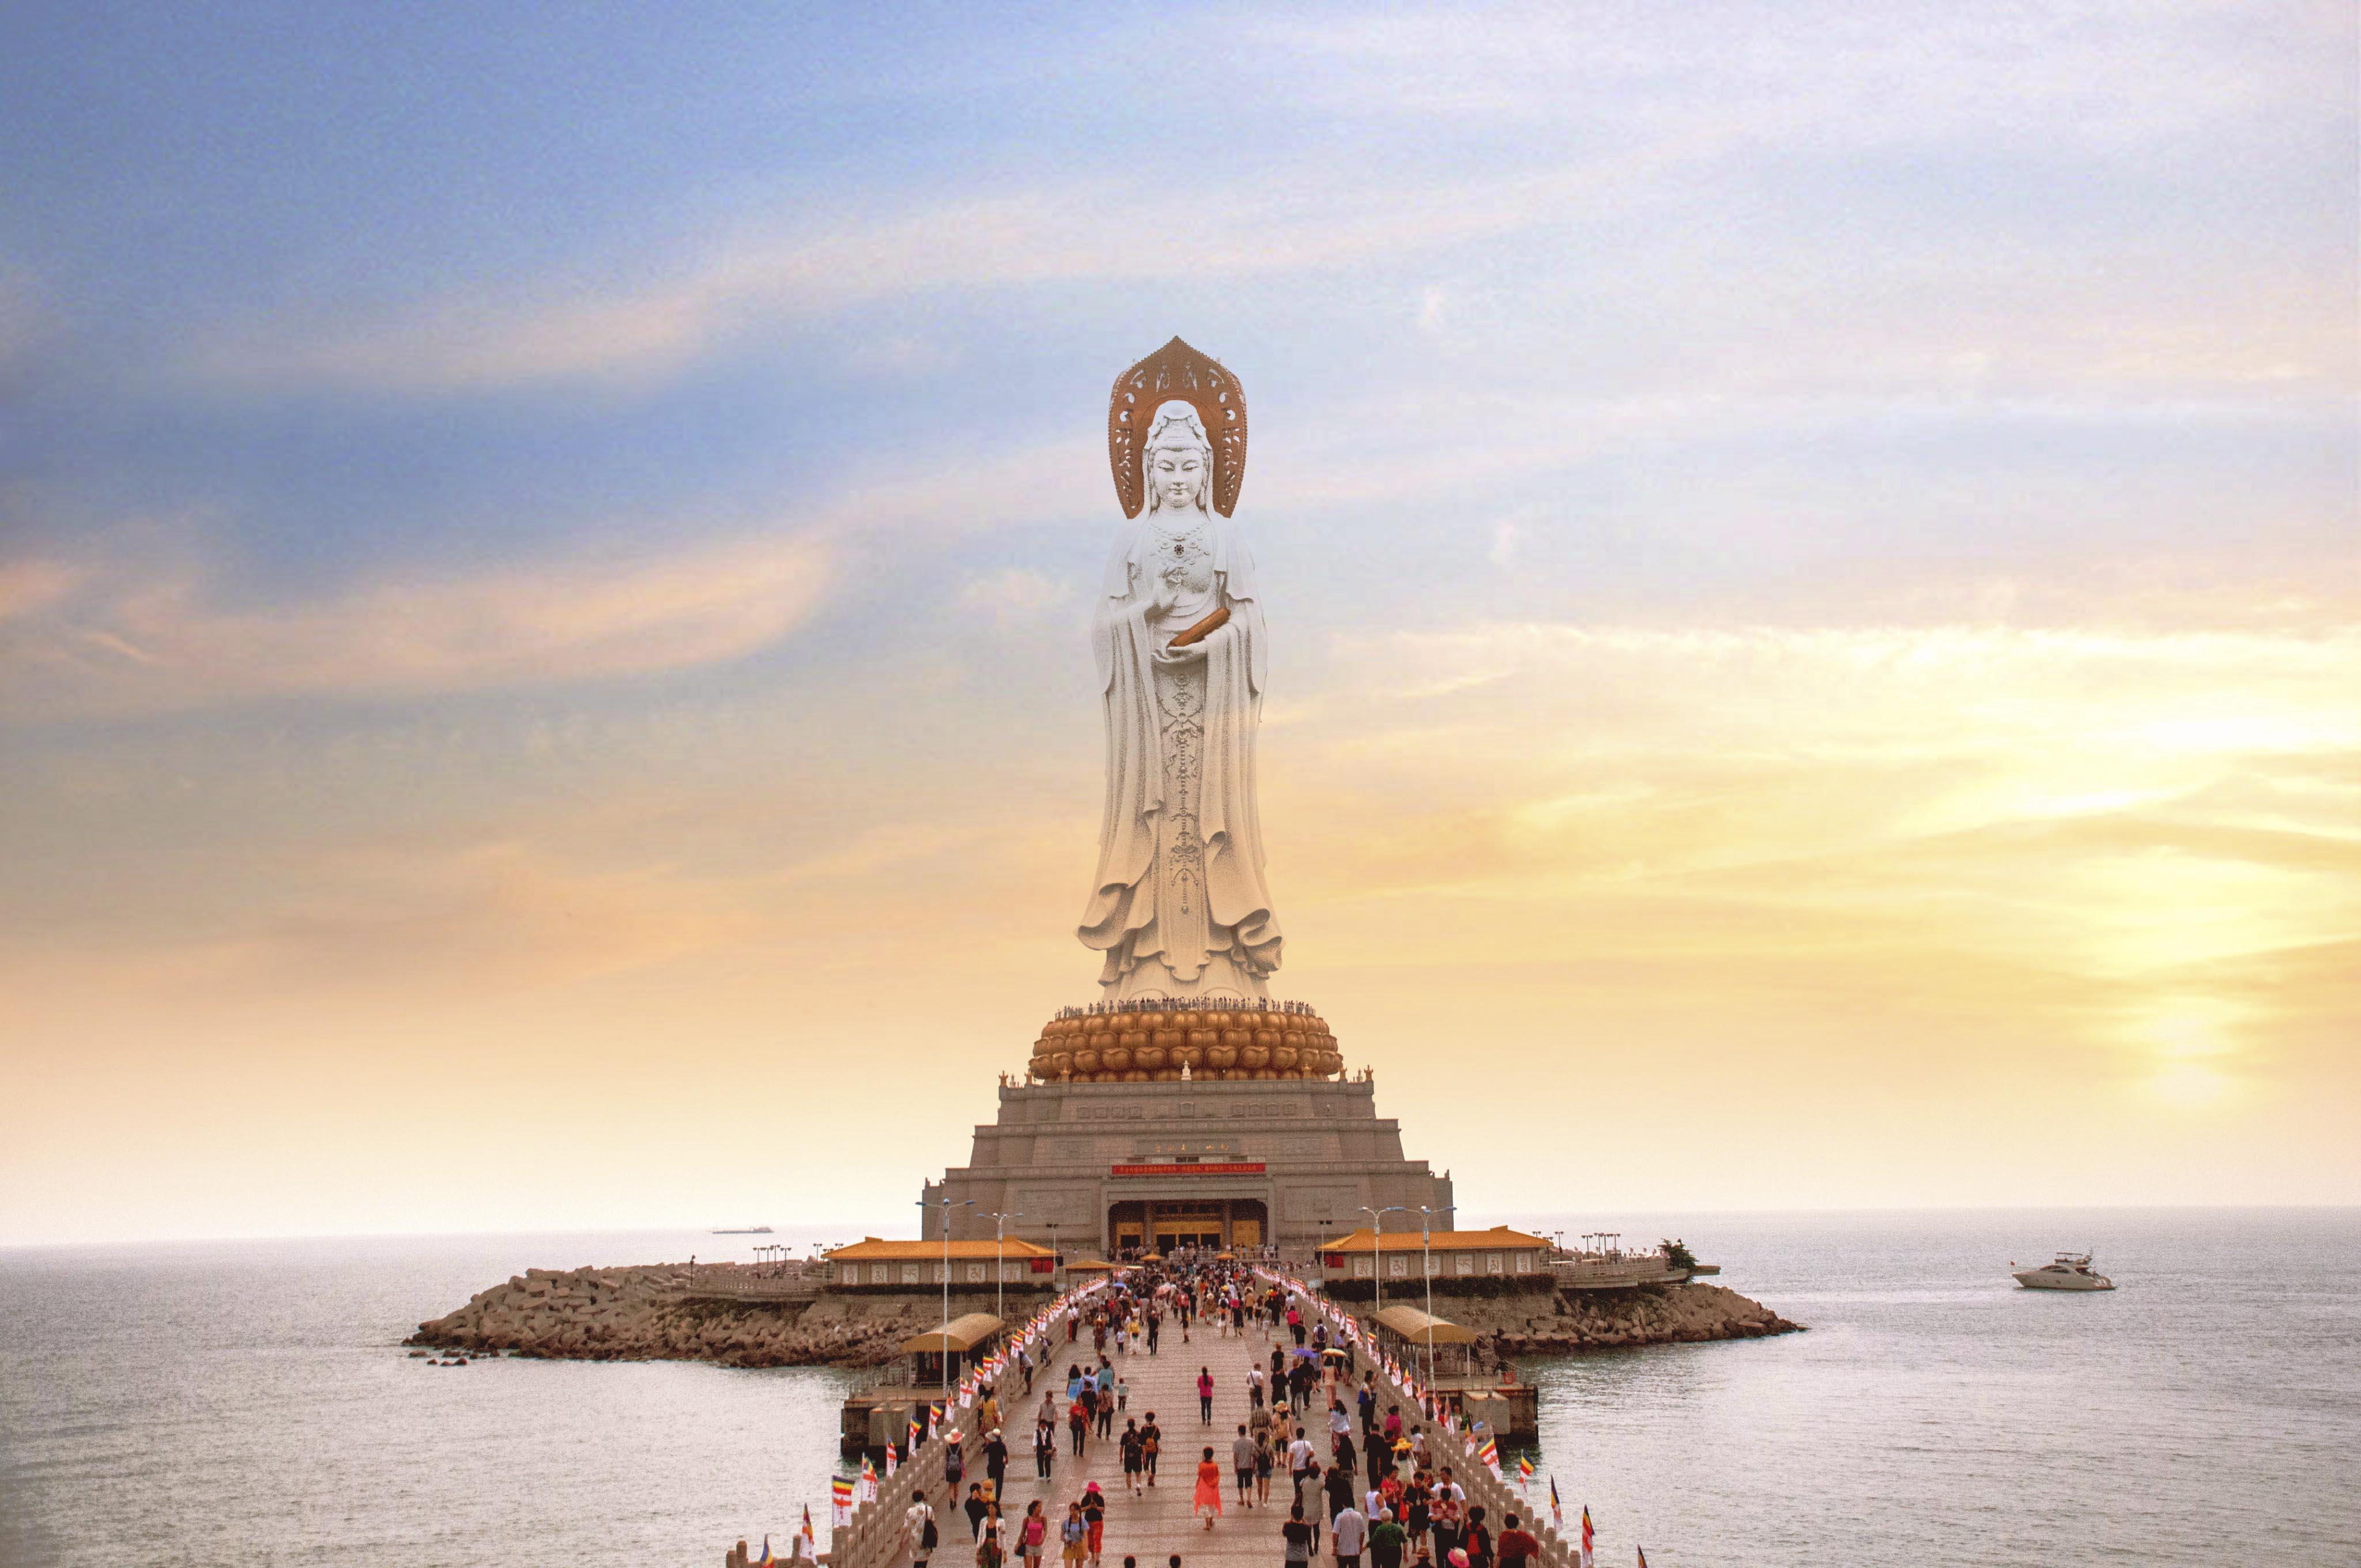 塔-南山寺的主要景点图片